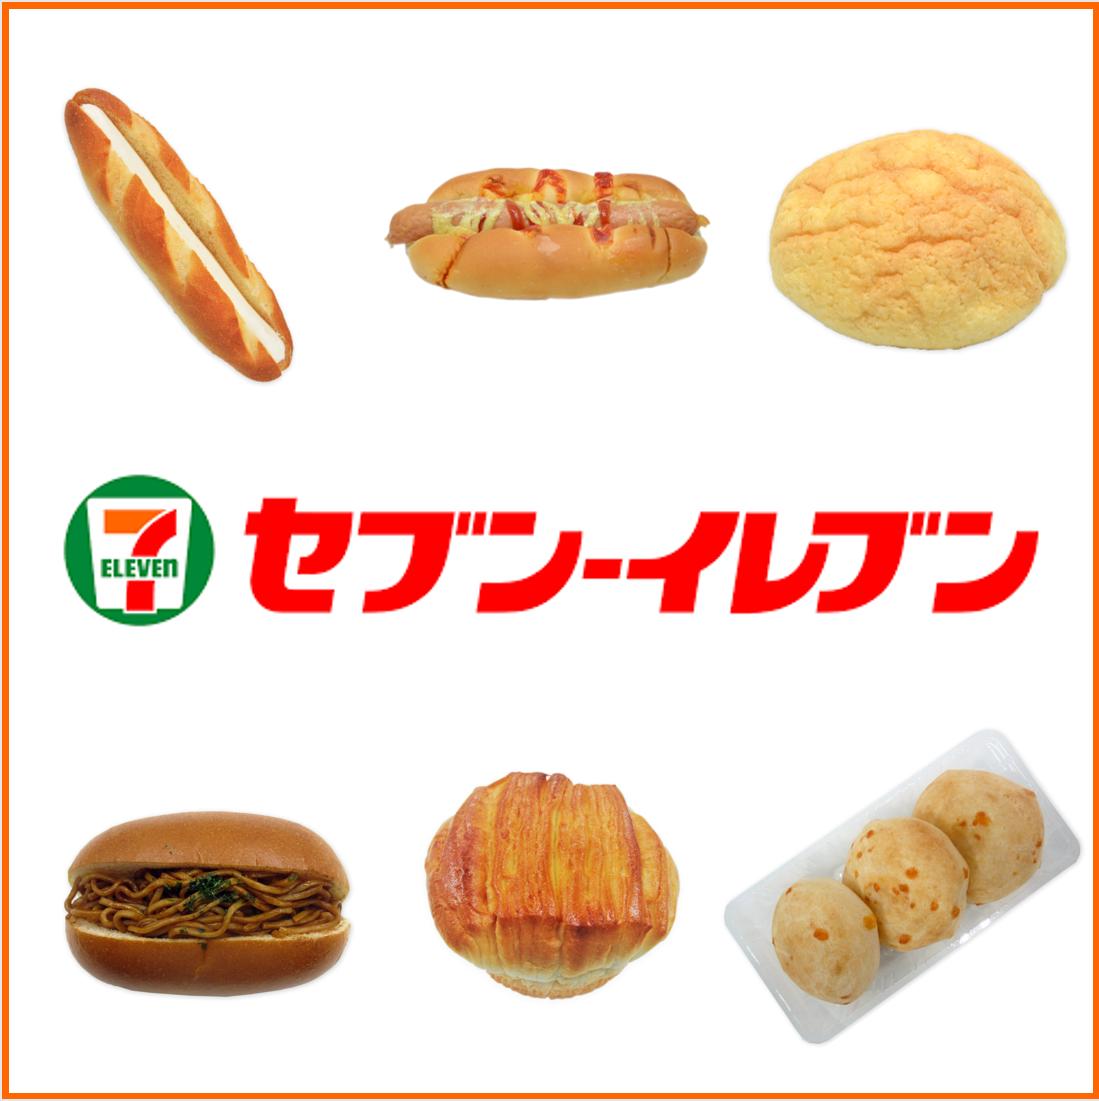 【10月26日更新】セブンイレブンの人気パンおすすめまとめ!新商品から定番パンまで紹介